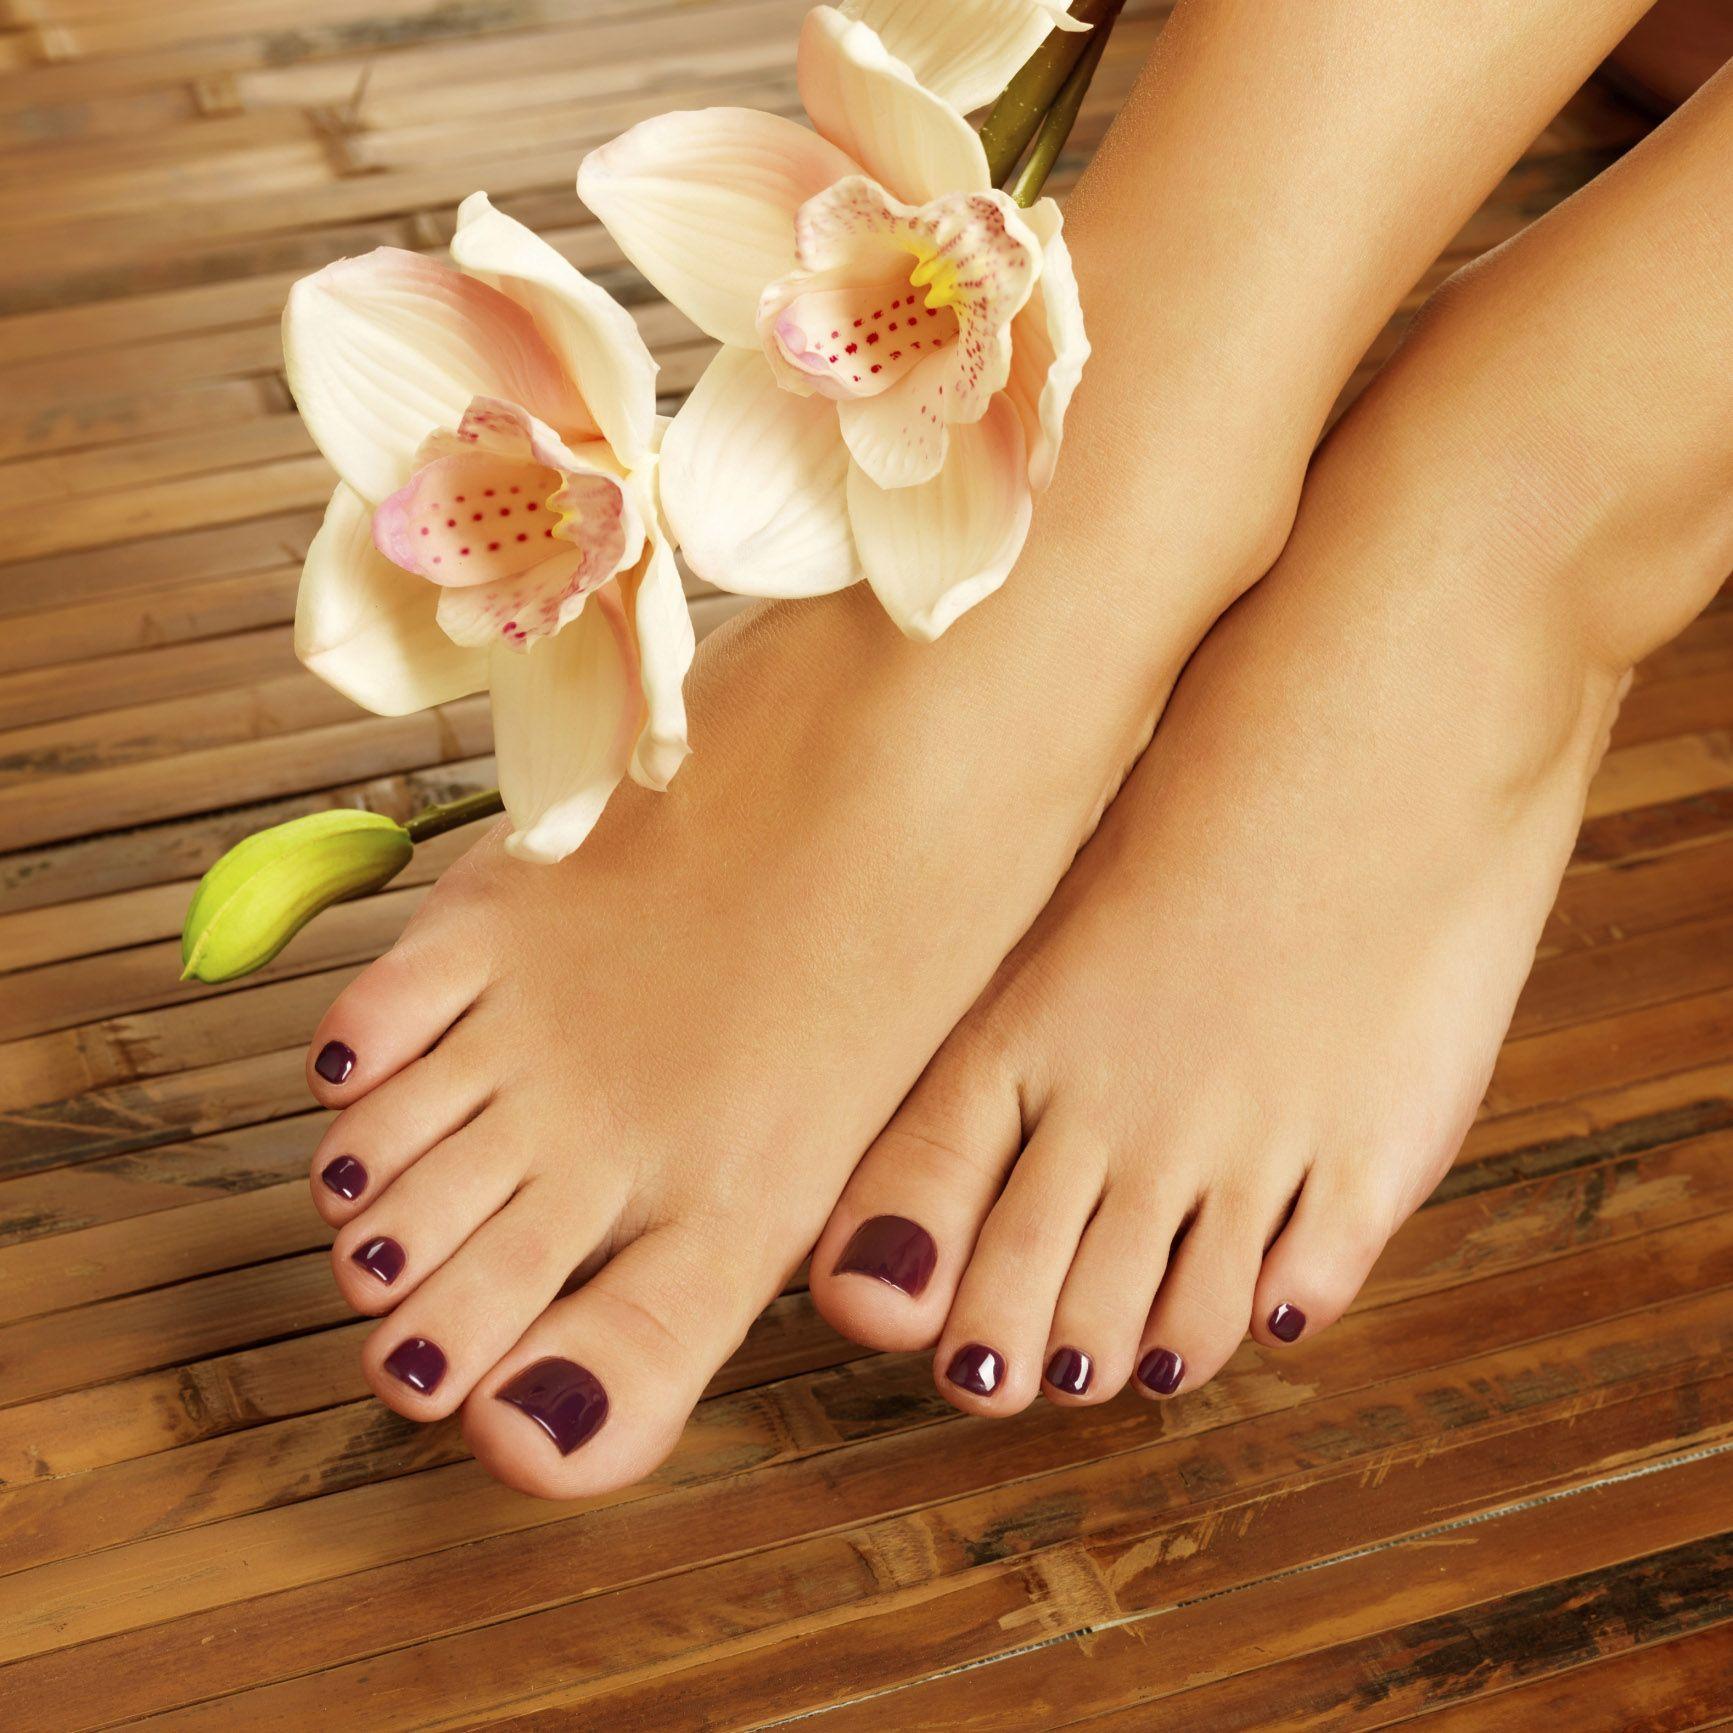 Soin des pieds: comment retrouver des pieds doux?